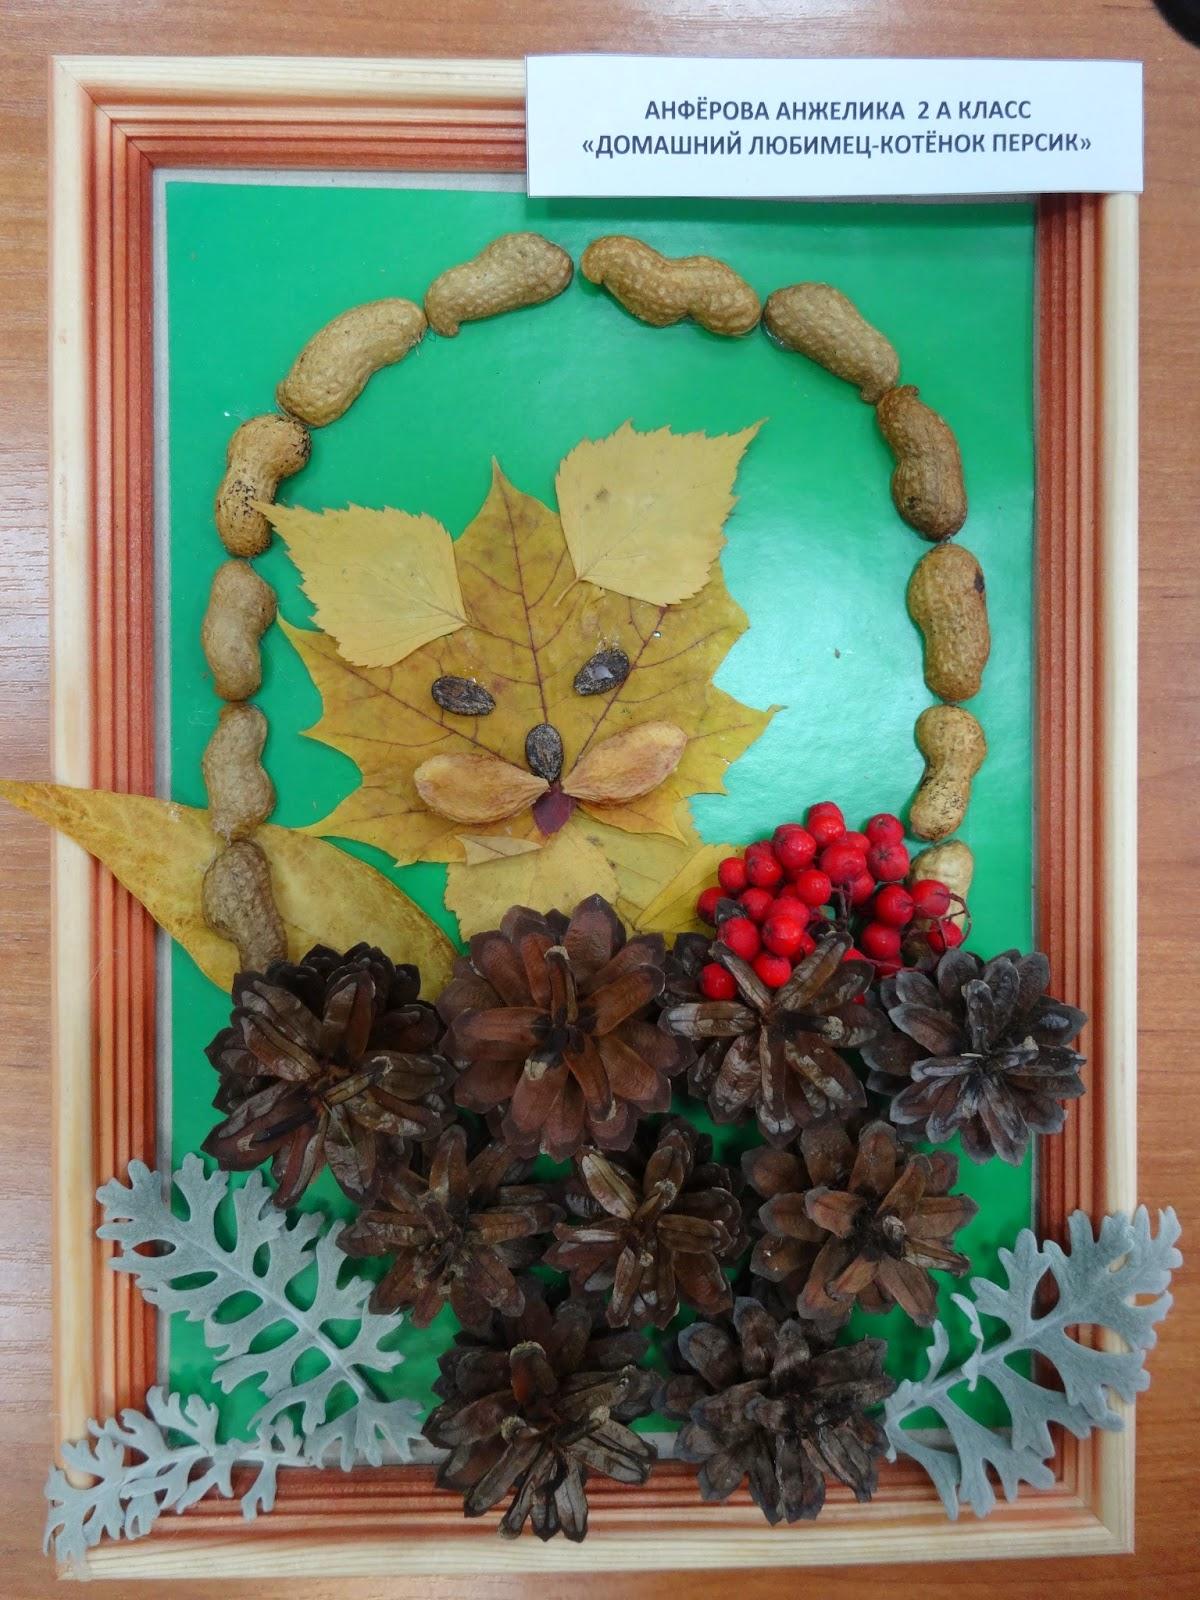 Осенние поделки: 25 идей для детского творчества и украшения интерьера 36